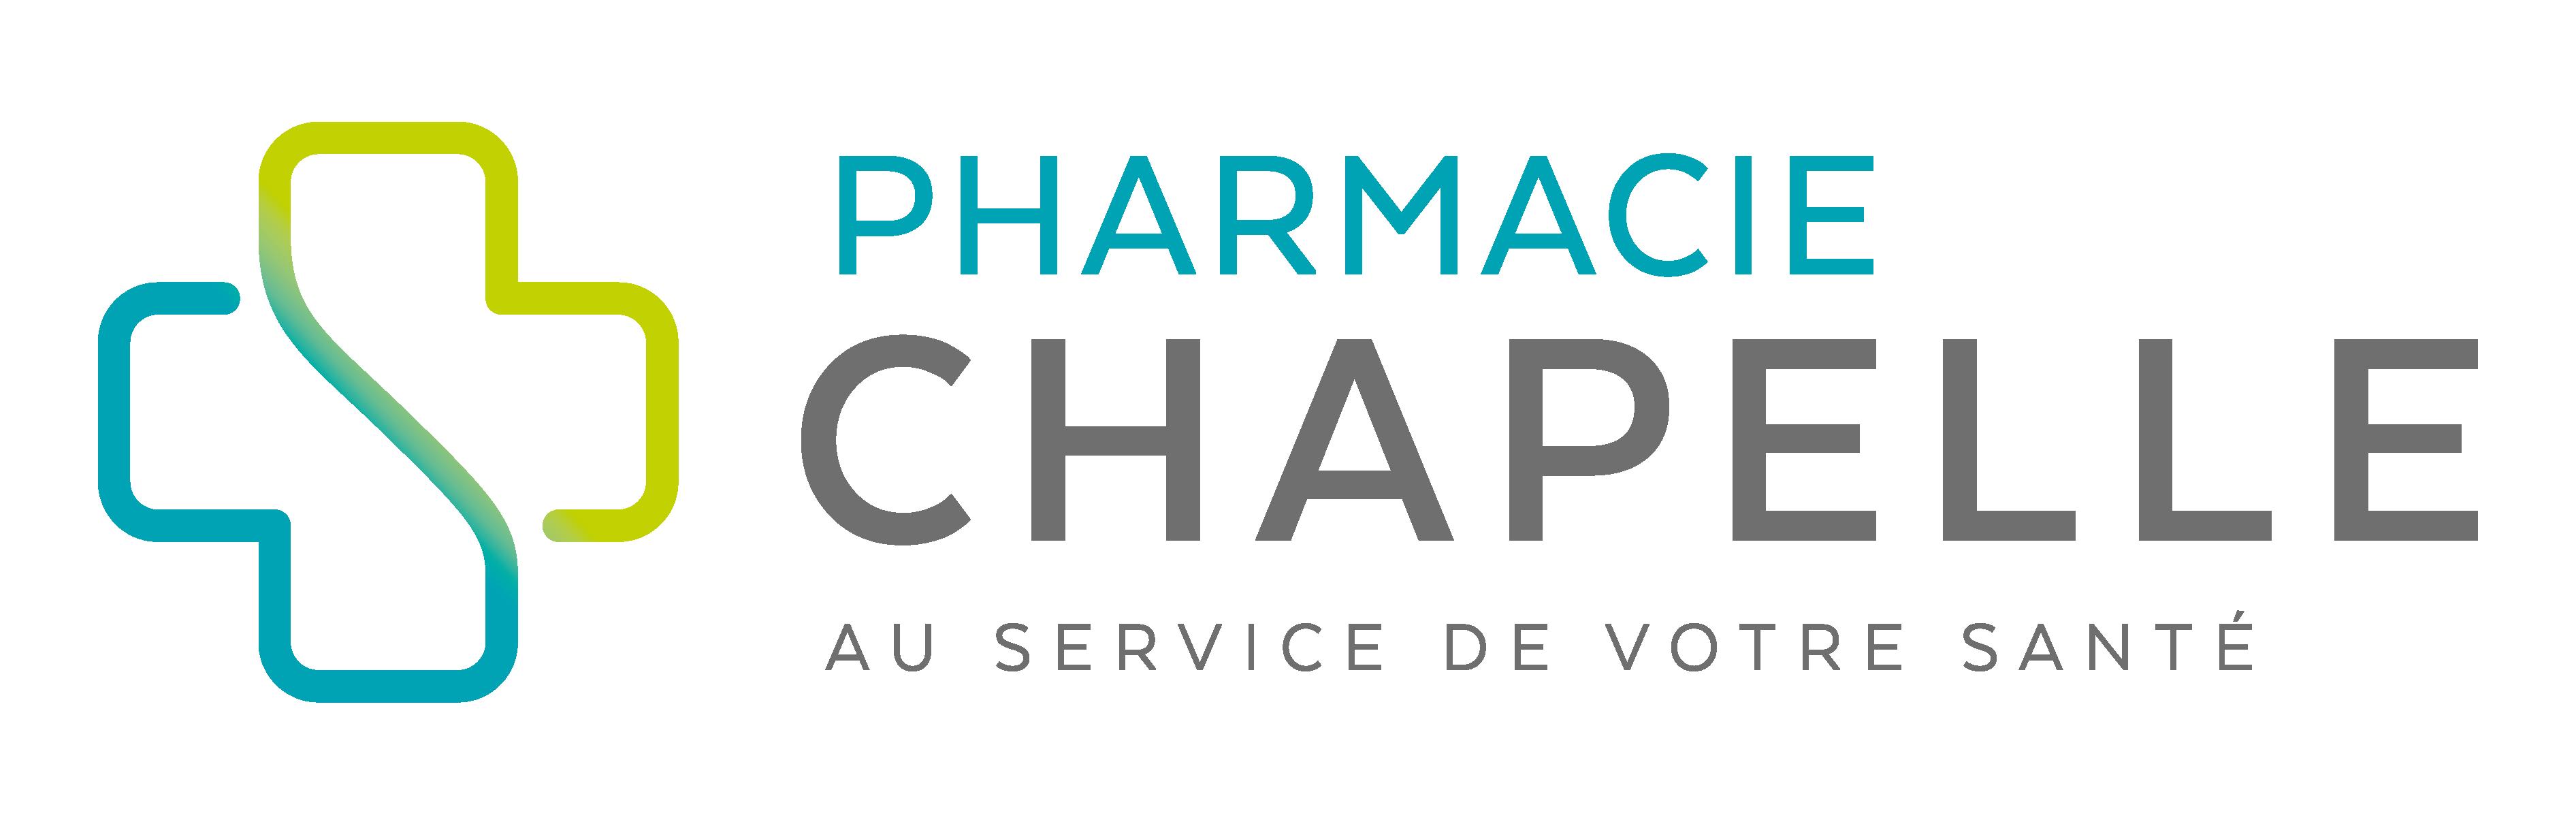 Pharmacie Chapelle